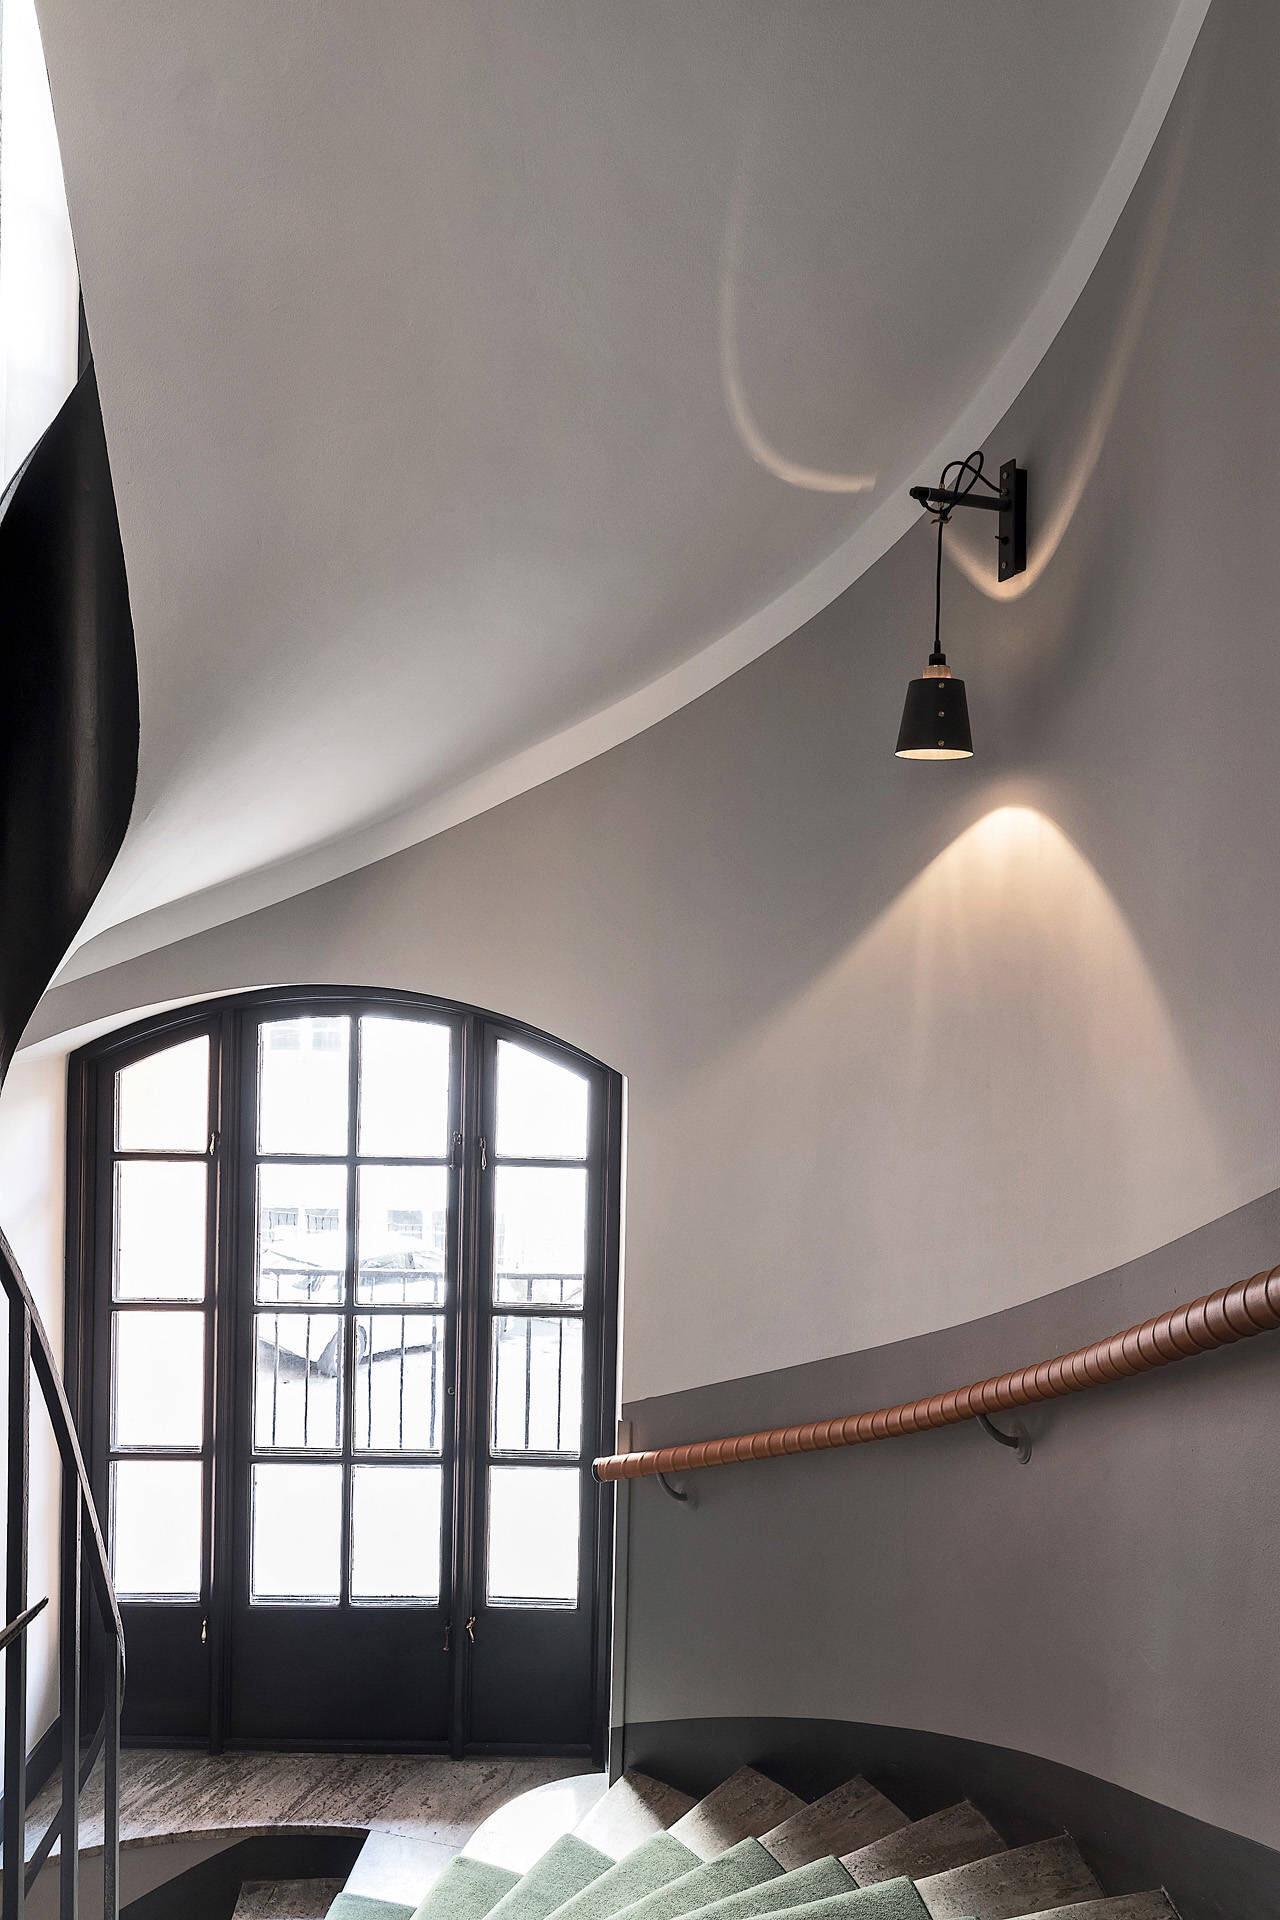 подъезд настенный светильник лестница перила ступени стены окно